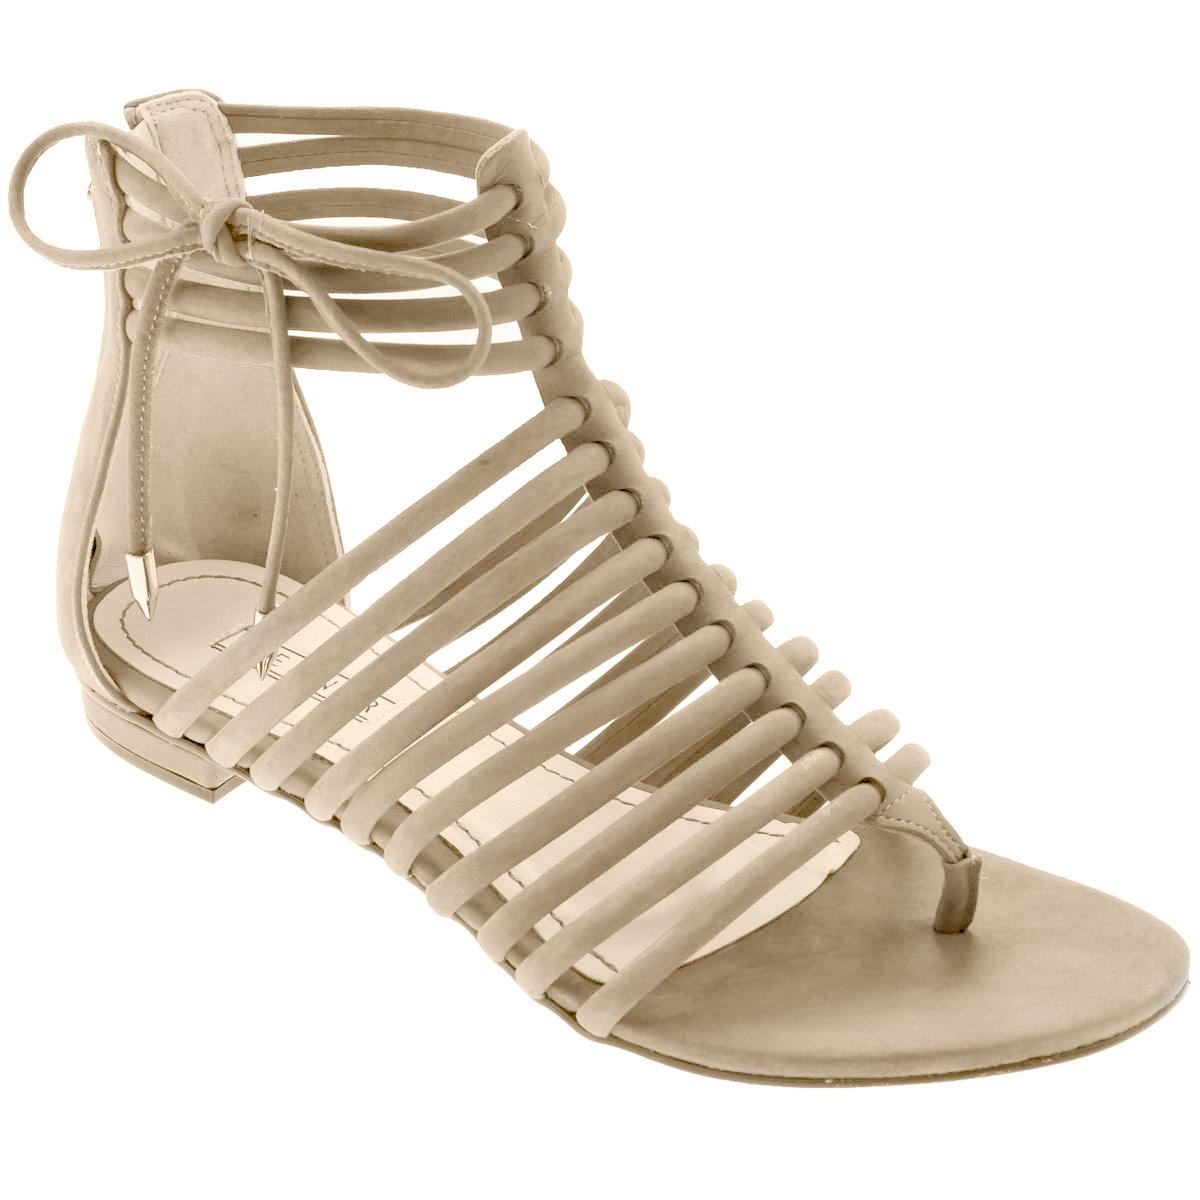 0-53034Стильные сандалии от Werner займут достойное место среди вашей коллекции летней обуви. Модель выполнена из натурального нубука. Стелька из натуральной кожи обеспечивает комфорт при ходьбе.Эргономичная перемычка между пальцами и тонкие ремешки на подъеме и вокруг щиколотки отвечают за надежную фиксацию модели на ноге. Закрытая пятка дополнена удобной застежкой-молнией. Декорировано изделие бантиком из нубука с металлическими наконечниками Подошва выполнена из прочного полимера с противоскользящим рифлением. Модные сандалии прекрасно дополнят любой из ваших образов.